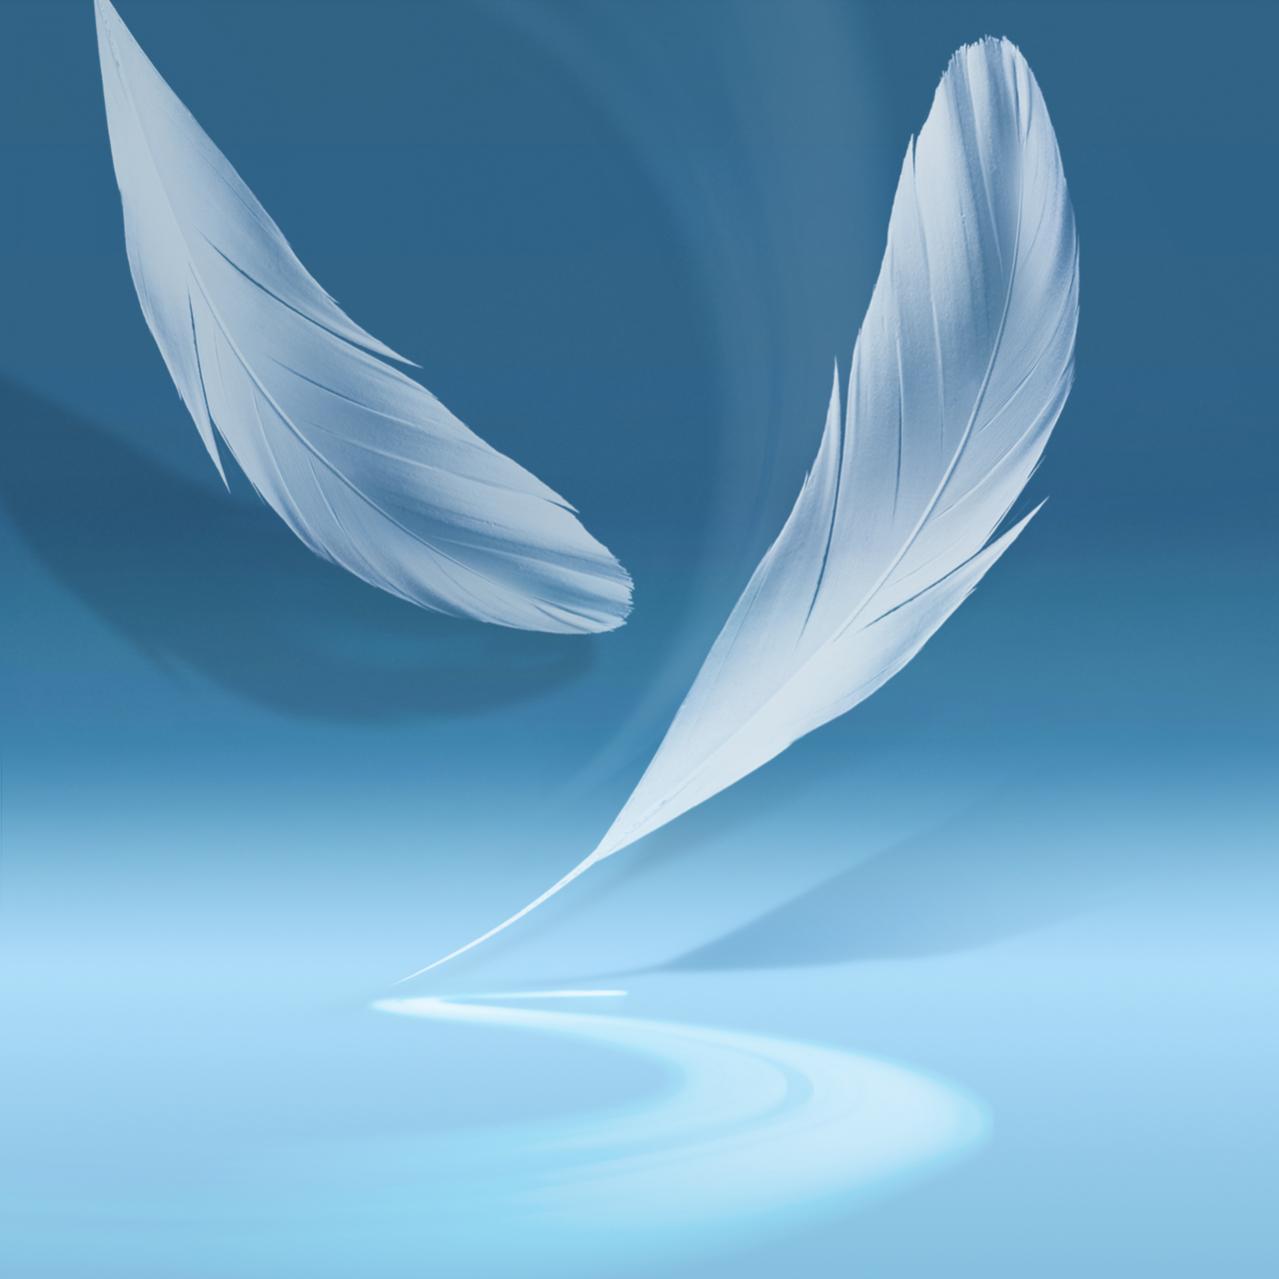 http://2.bp.blogspot.com/-mII8SUrZnsU/UQaQZj8bUsI/AAAAAAAAGi8/uh-4Rimtkks/s1600/Galaxy-note2.jpg